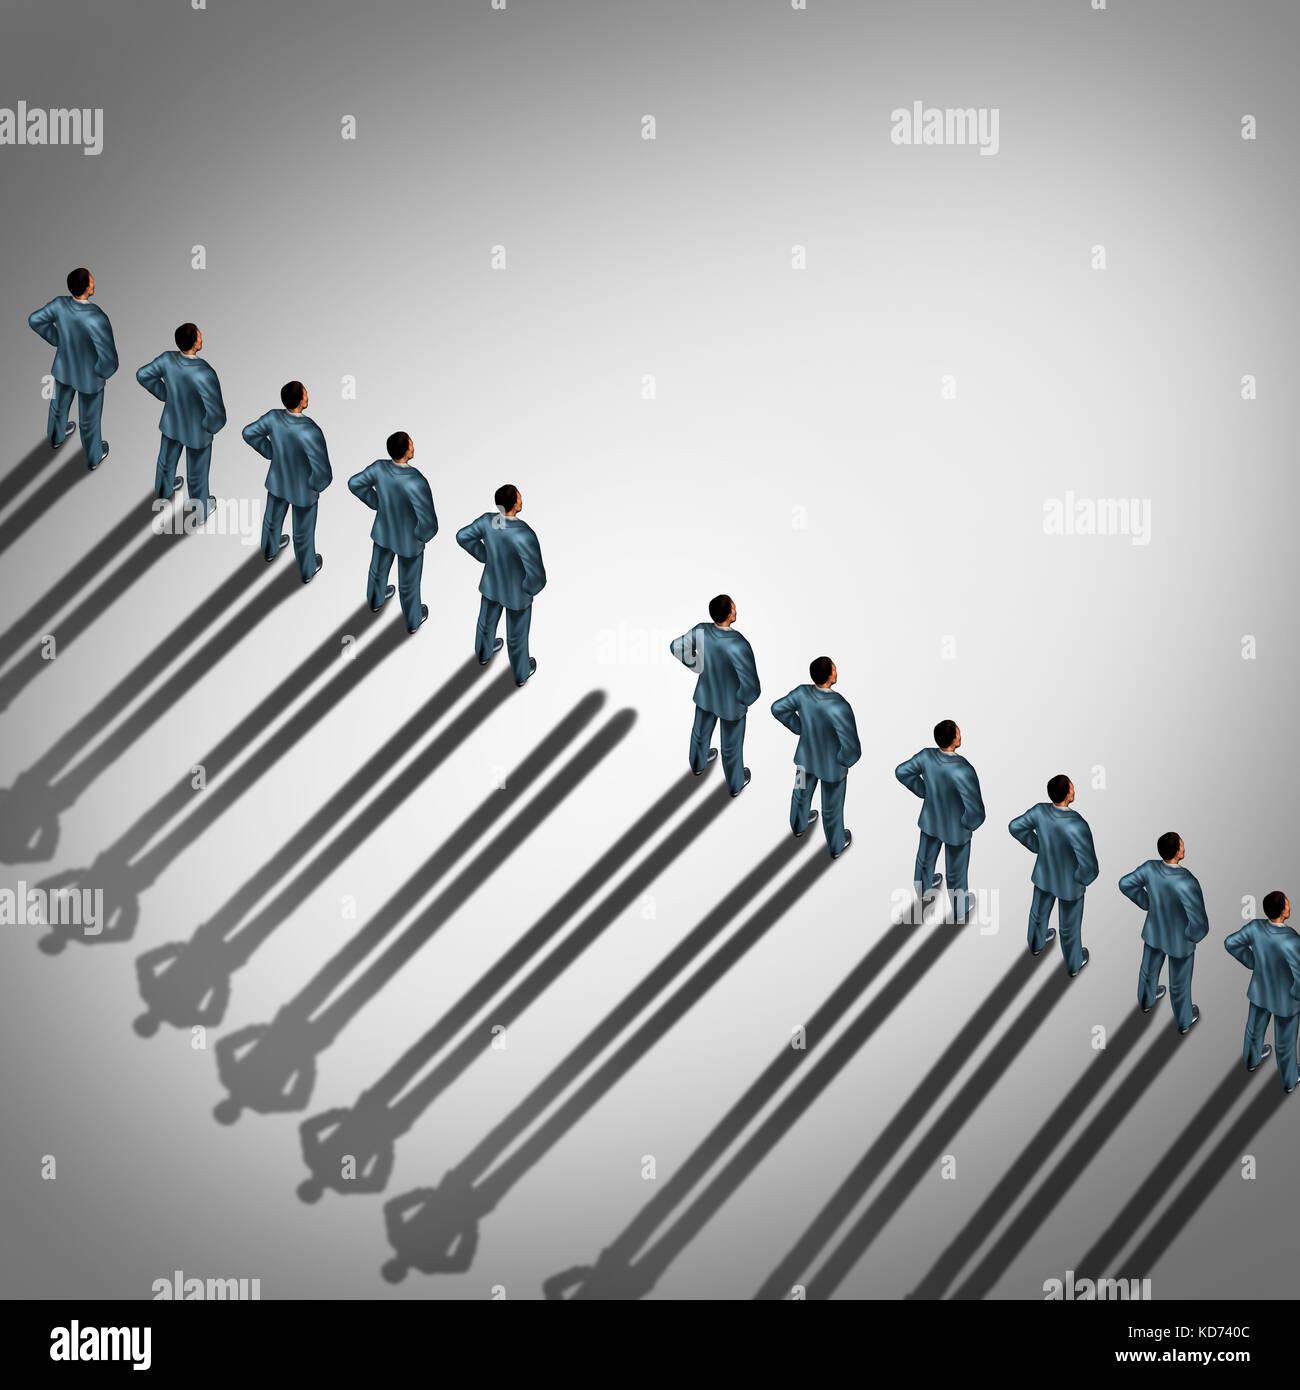 Dipendente invisibile e anonimo lavoratore inattivo come un business di occupazione o di licenziamento in un concetto Immagini Stock